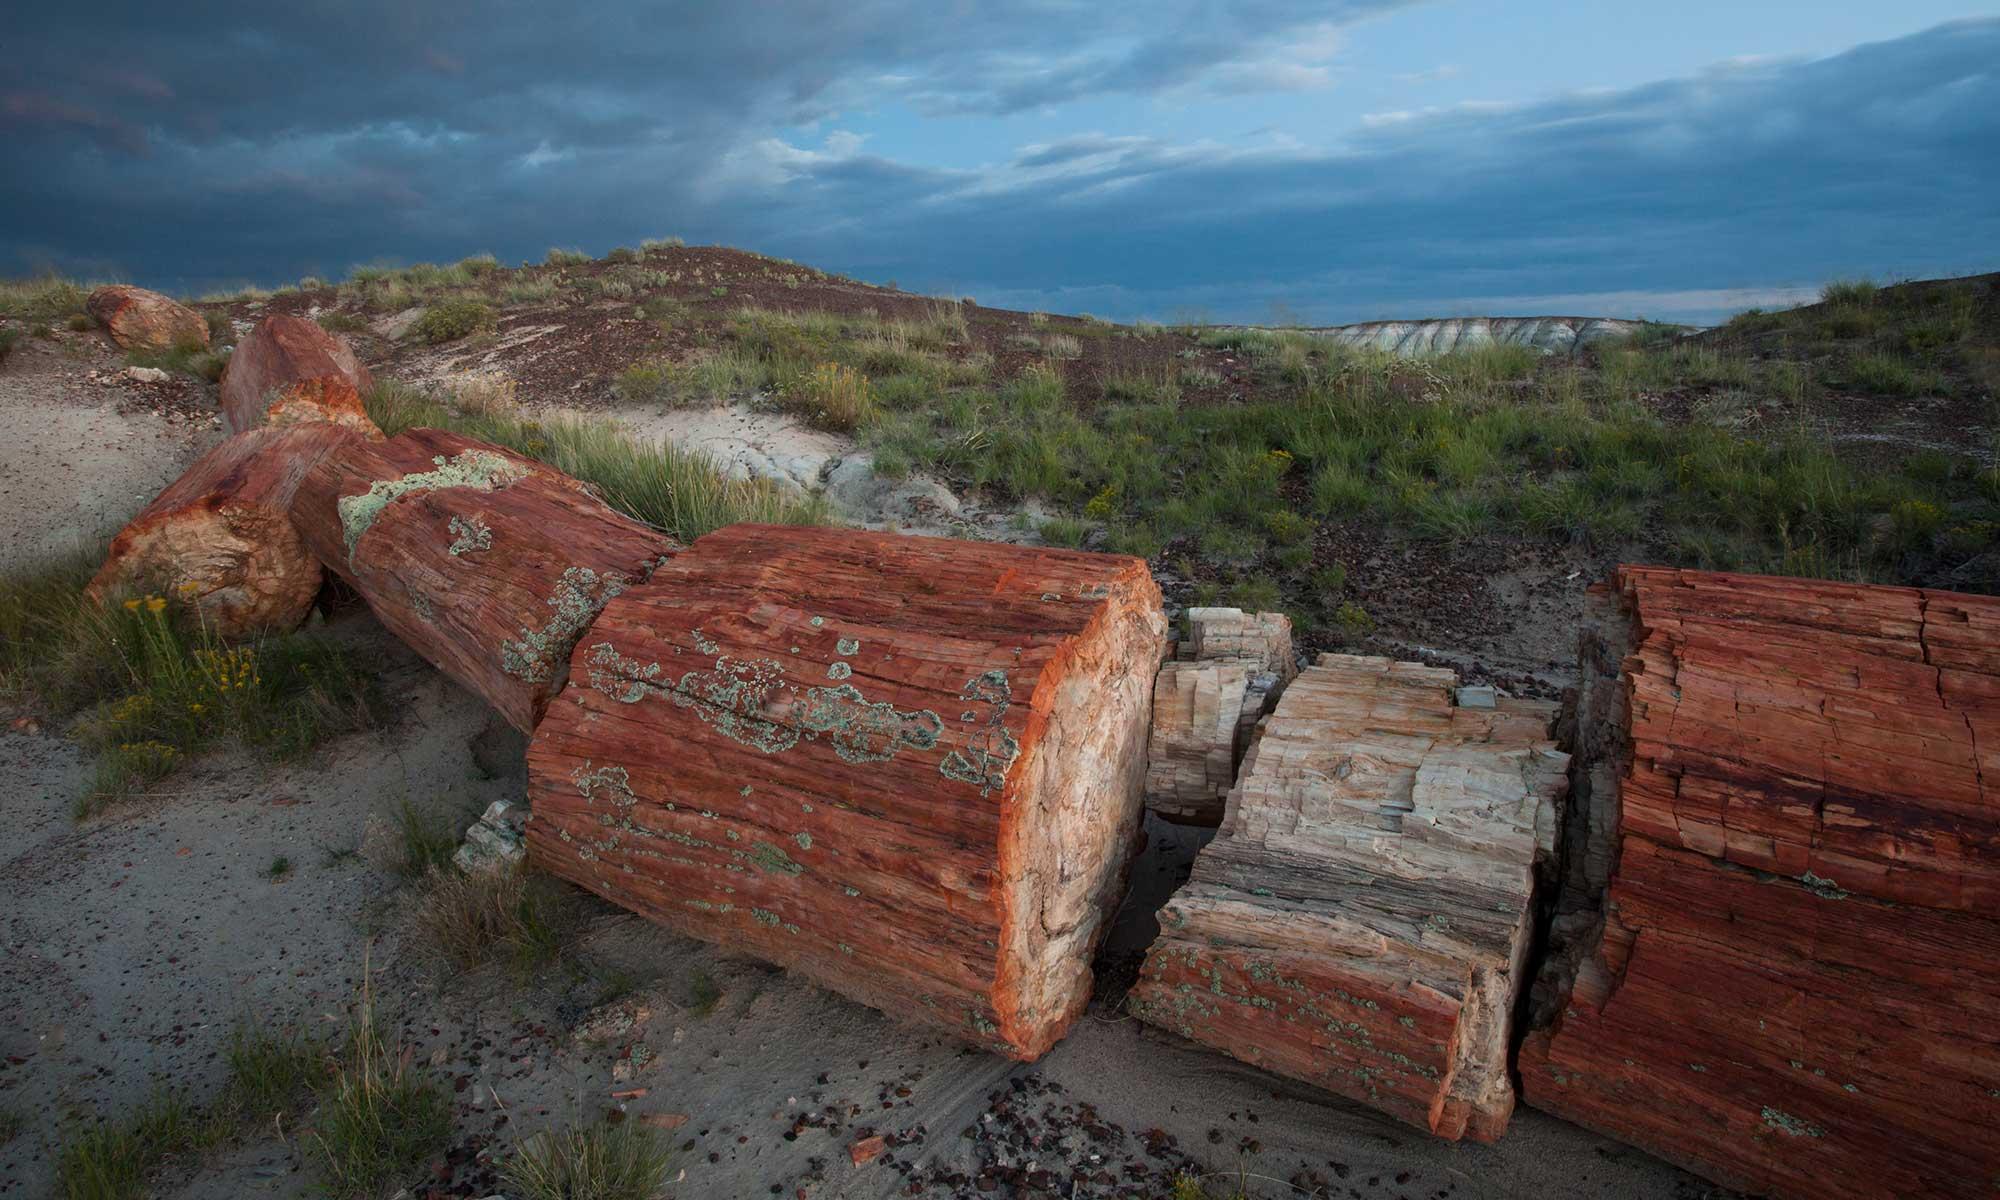 Petrified logs lying on the ground | Photo courtesy of Larry Lindahl